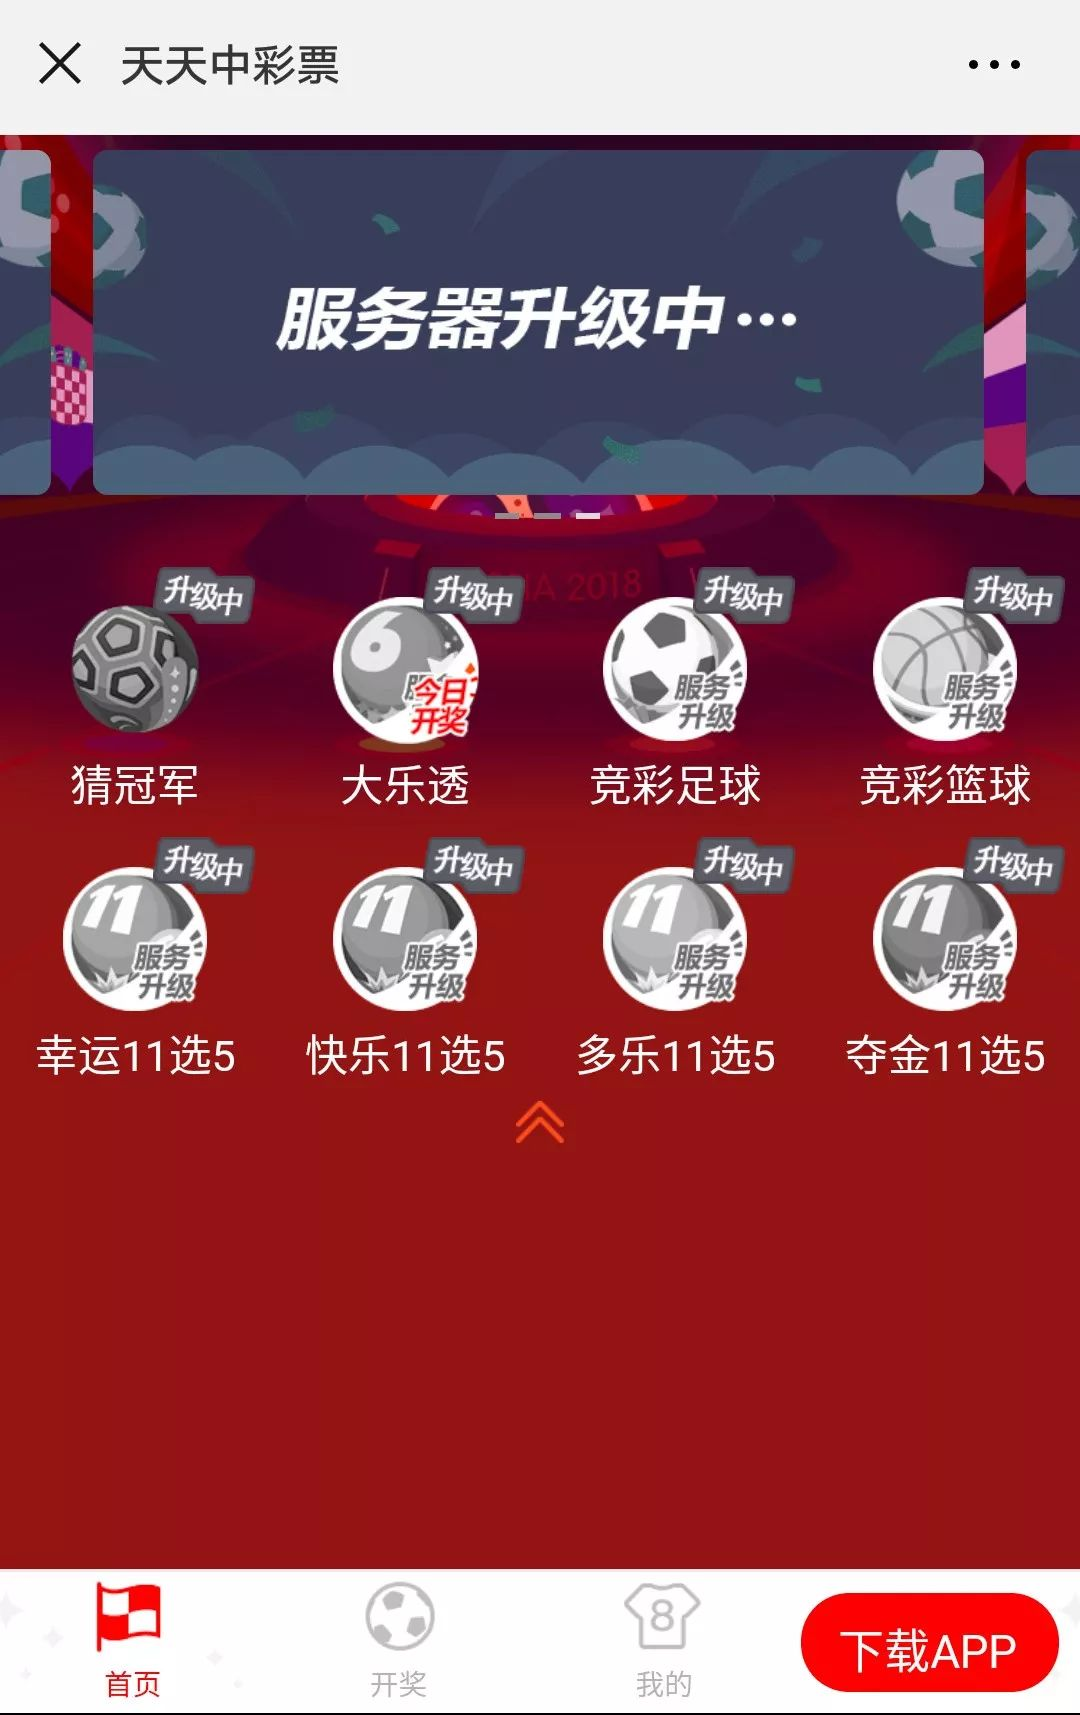 88彩票网开户:突然!多个世界杯竞猜平台停售!多部门禁网售彩票